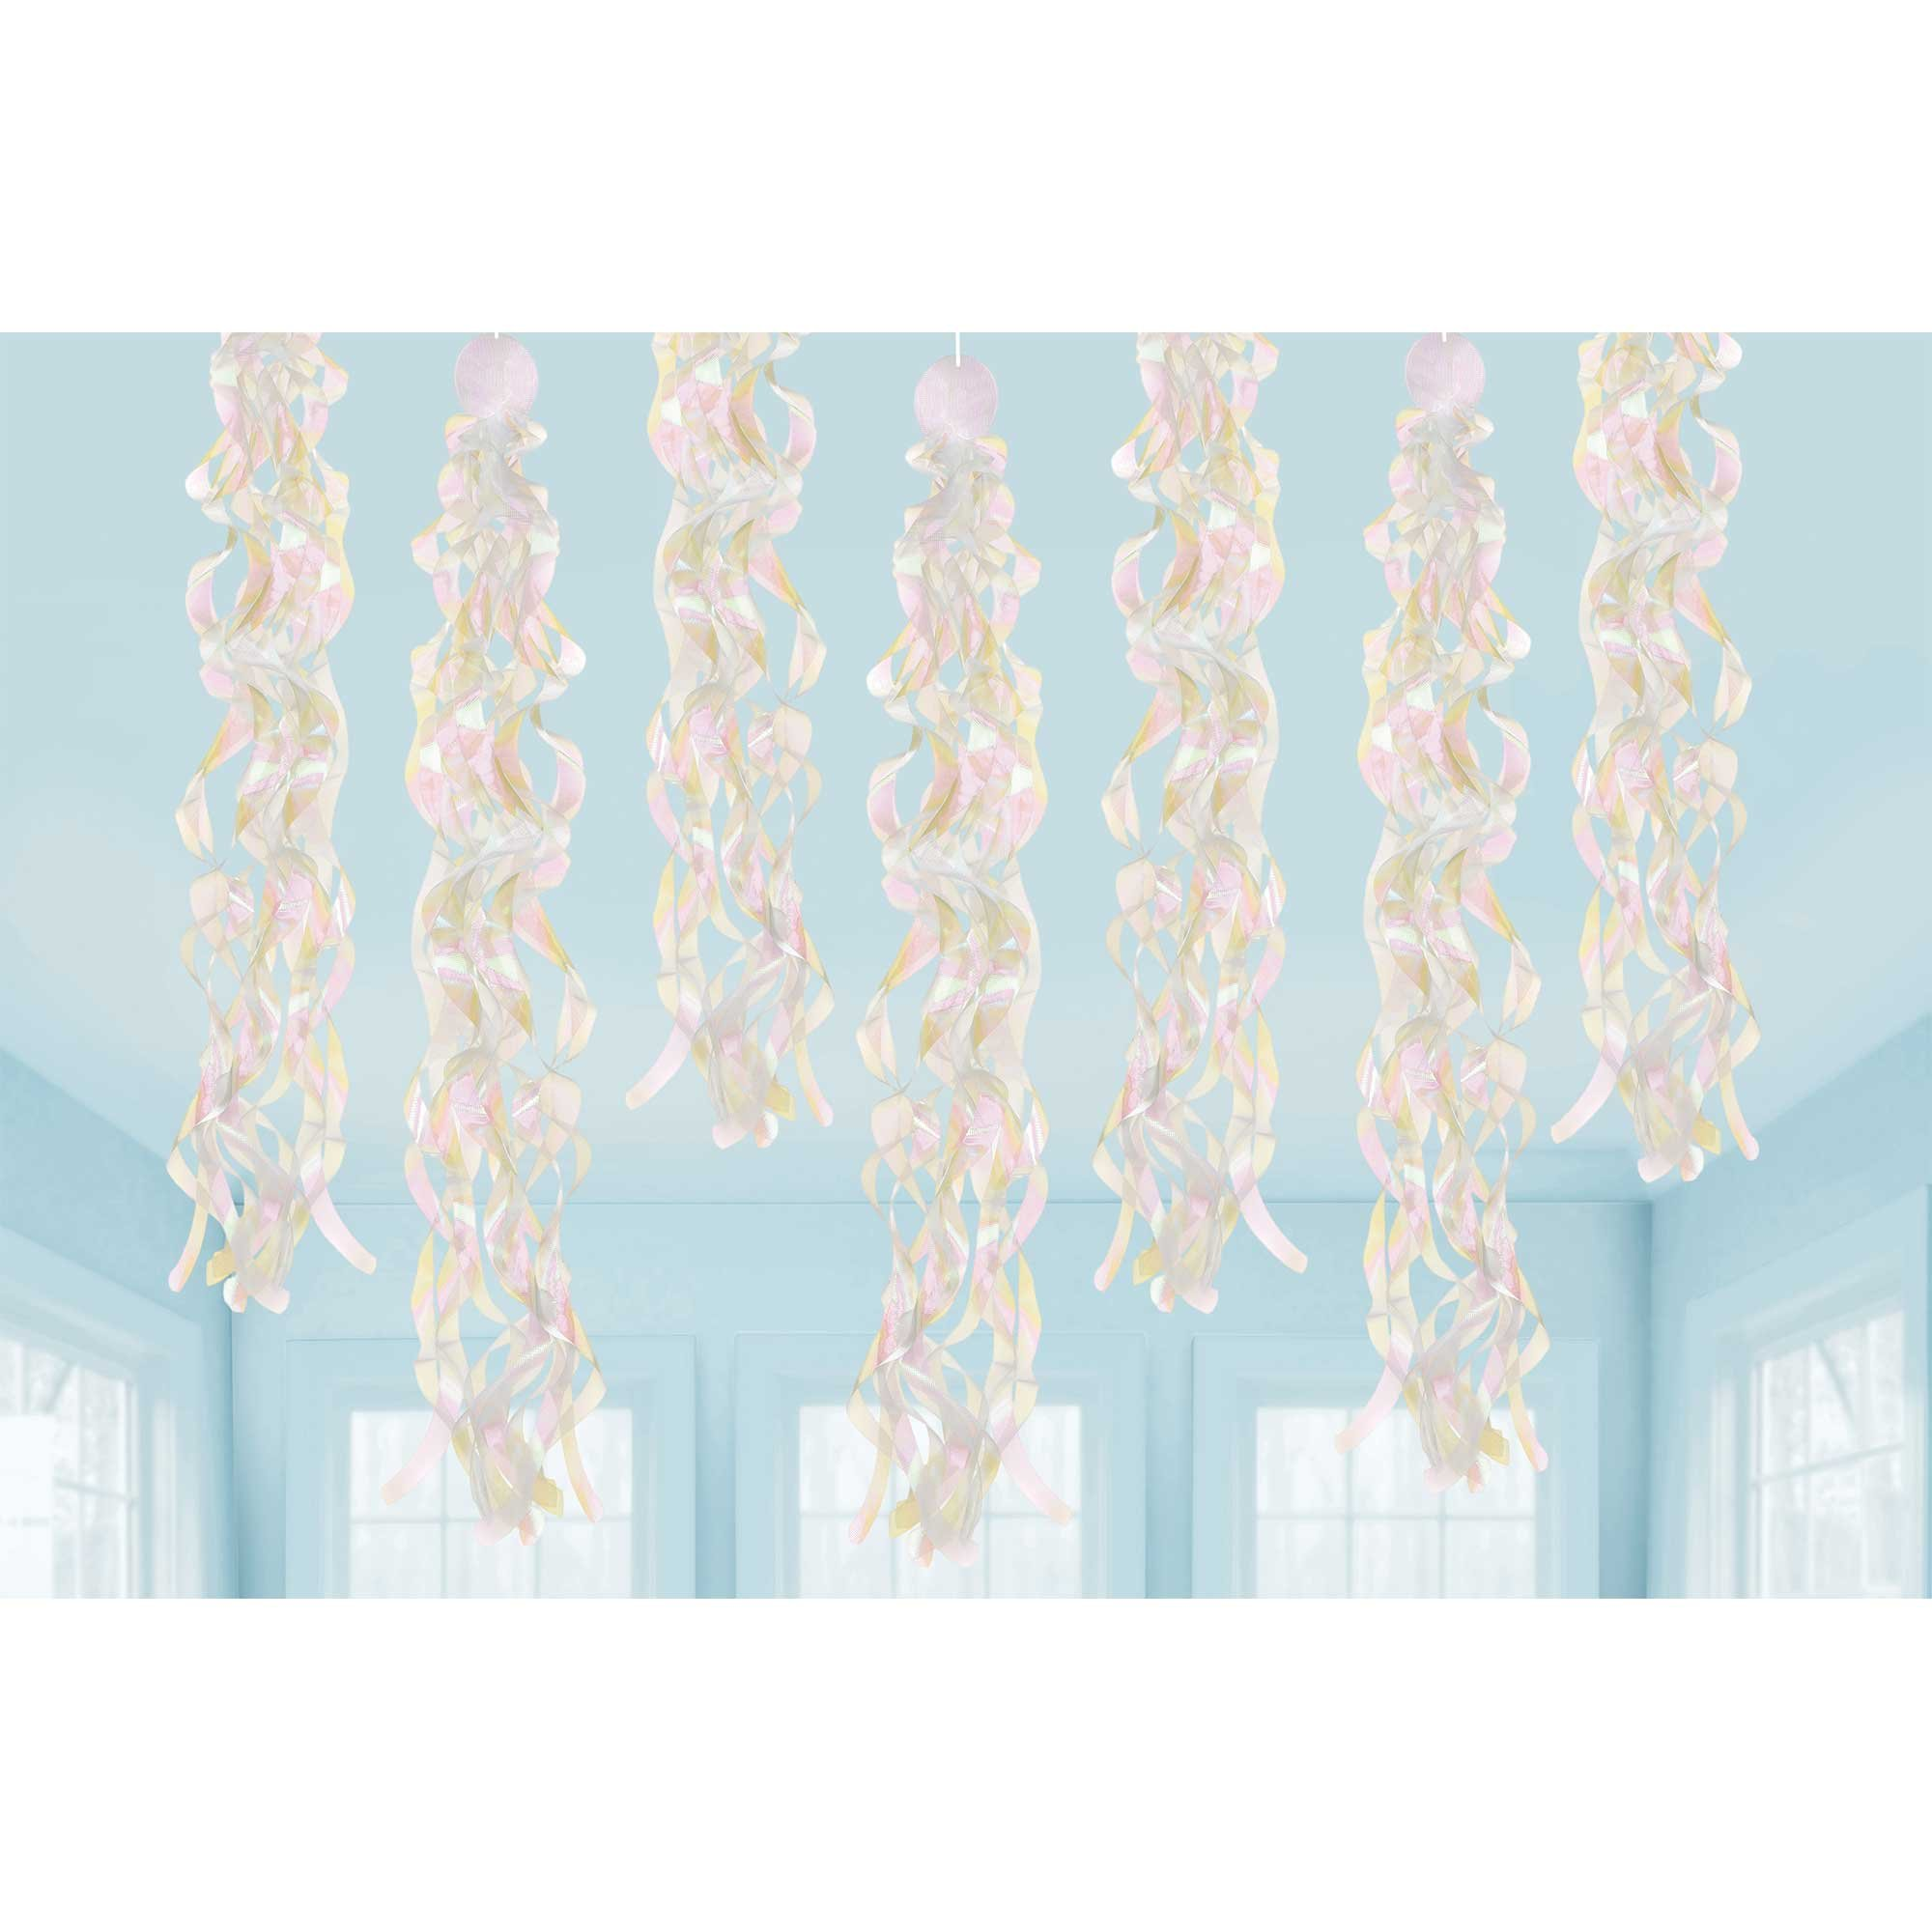 Luminous Birthday Iridescent Swirls Hanging Decorations